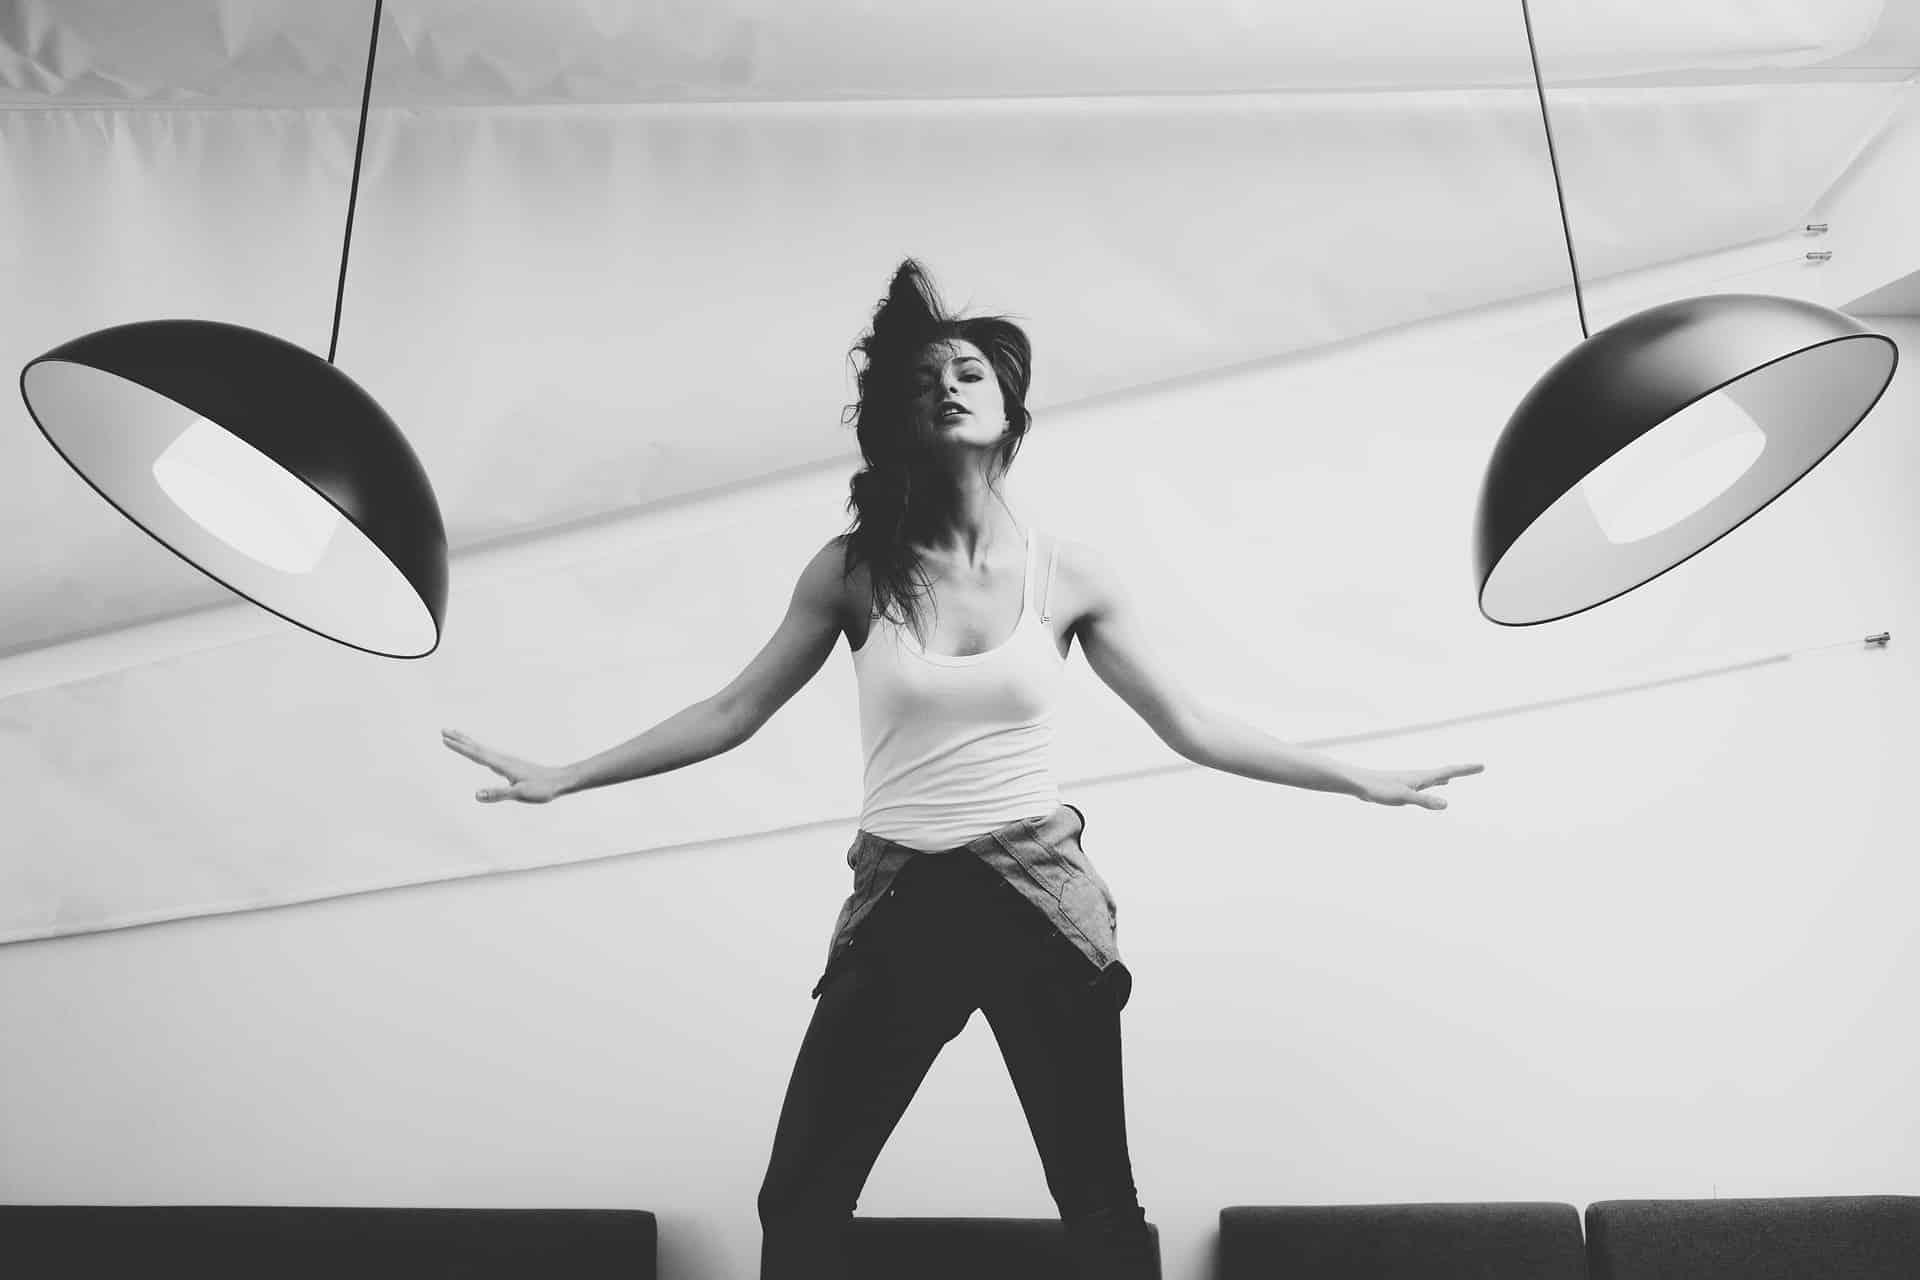 cours particuliers de danse 3 1 - Prendre confiance en soi avec la danse